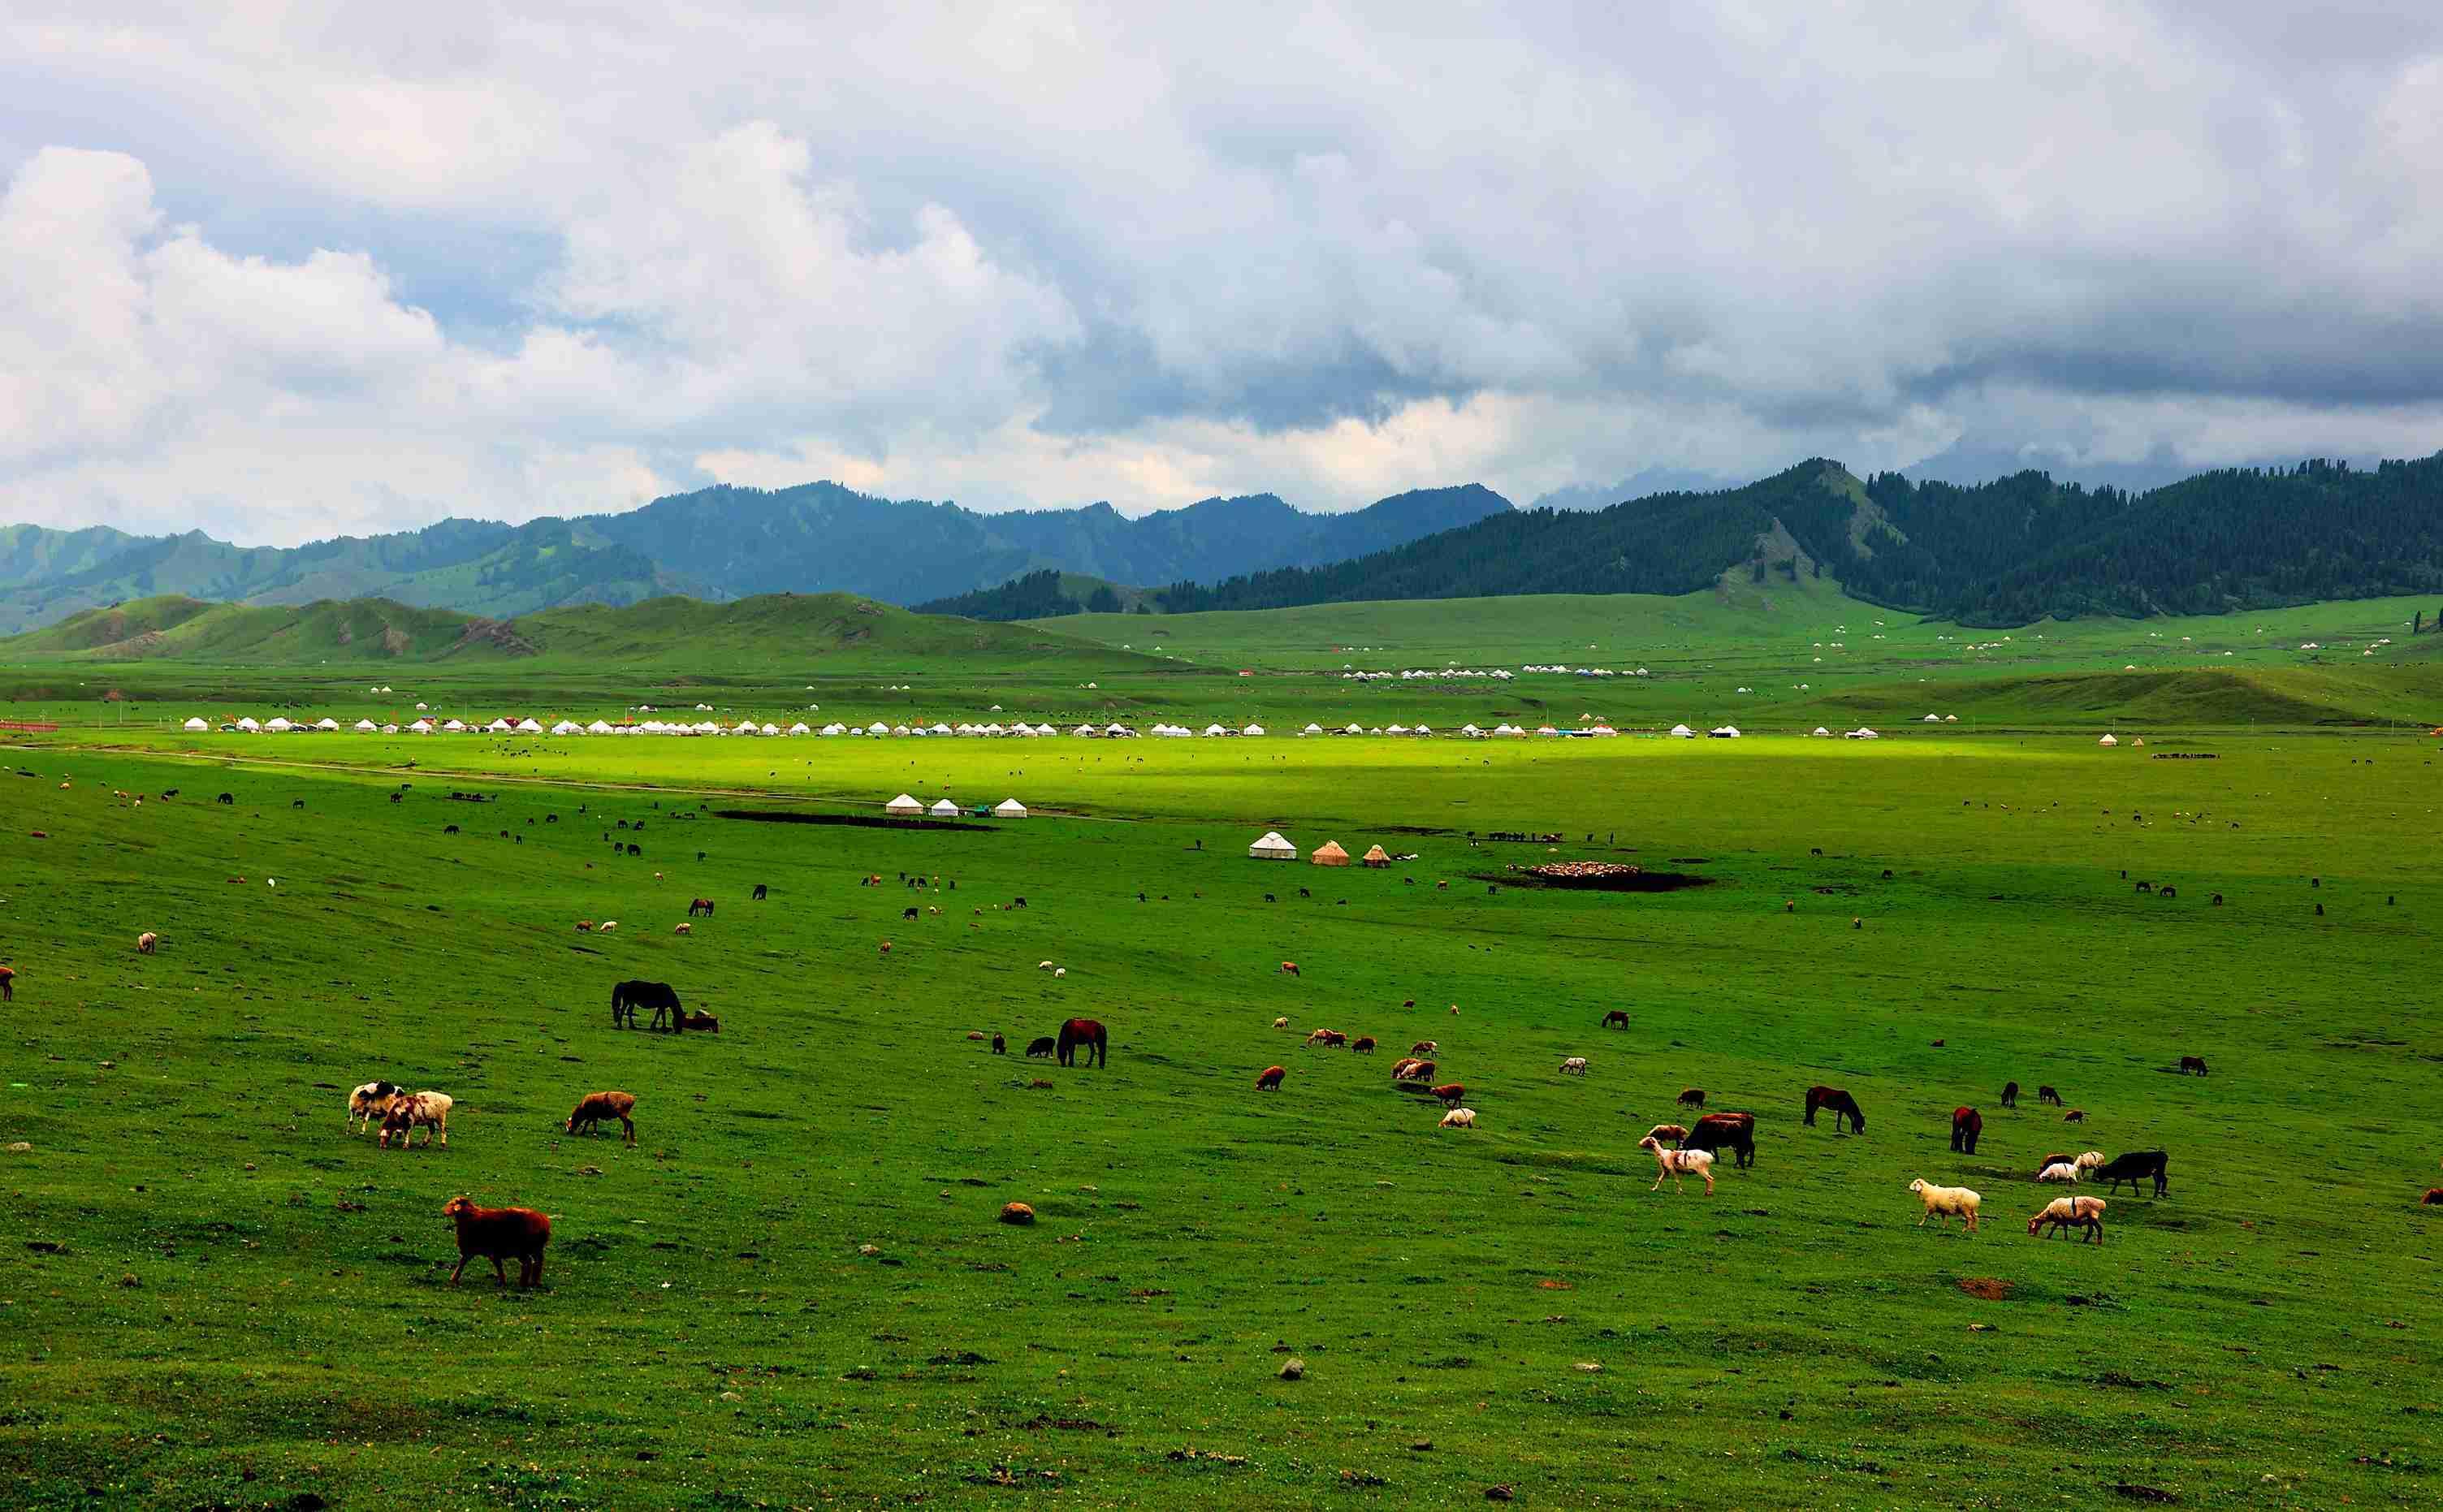 八月的草原,水草肥美牛羊欢唱,正是前往游玩的最佳时节。 推荐点:那拉提草原   行走在动植物王国里     那拉提草原位于新疆伊犁州新源县,自古以来就是著名的牧场,那拉提的草原景观和我国其他草原有所不同,属于高海拔的山河谷草原,草原的多样性特点十分明显,有高山草场、河谷草场、山坡草场、草甸草场和高寒草场等。   交错的河道、平展的河谷、高峻的山峰、茂密的森林在草原上交相辉映,一派迷人景象。